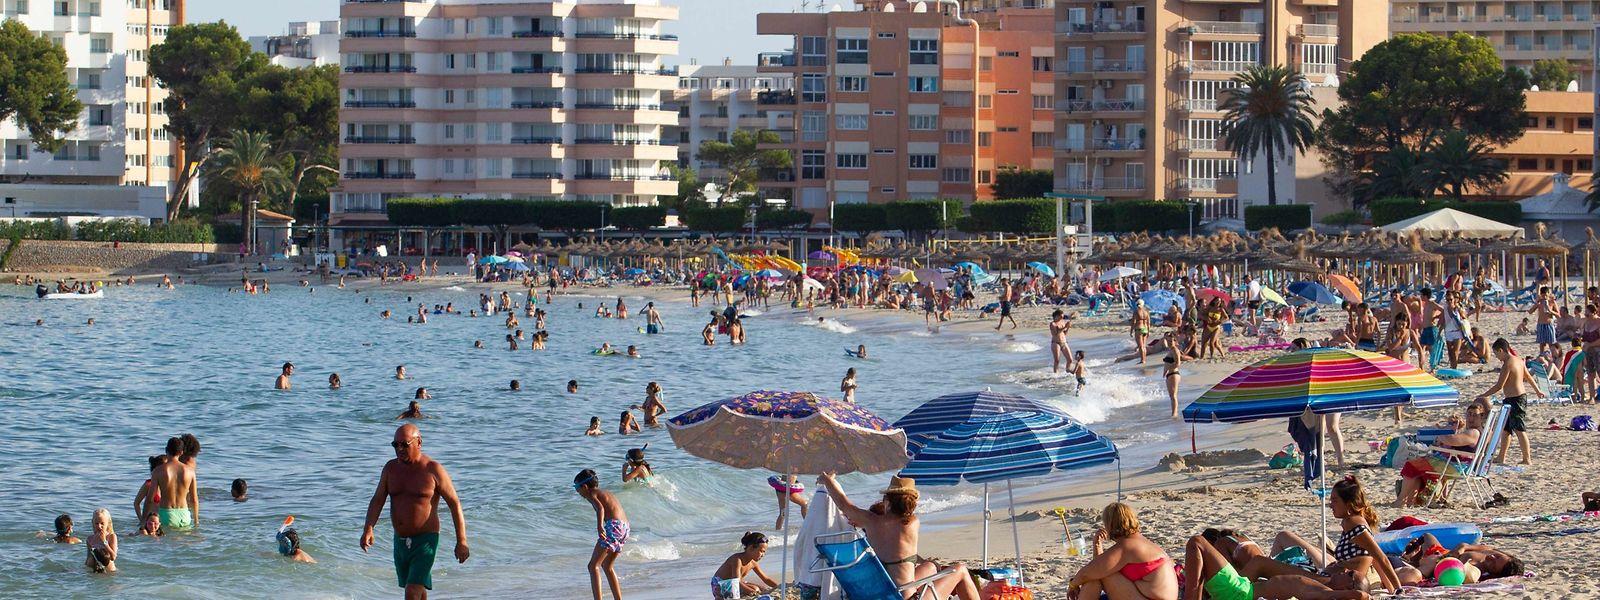 Die Strände auf Mallorca sind im Hochsommer 2020 voll – nur nicht so voll wie in den vergangenen Jahren. Überall ist noch Platz für Neuankömmlinge wie hier am Palmanova-Strand bei Calvià.